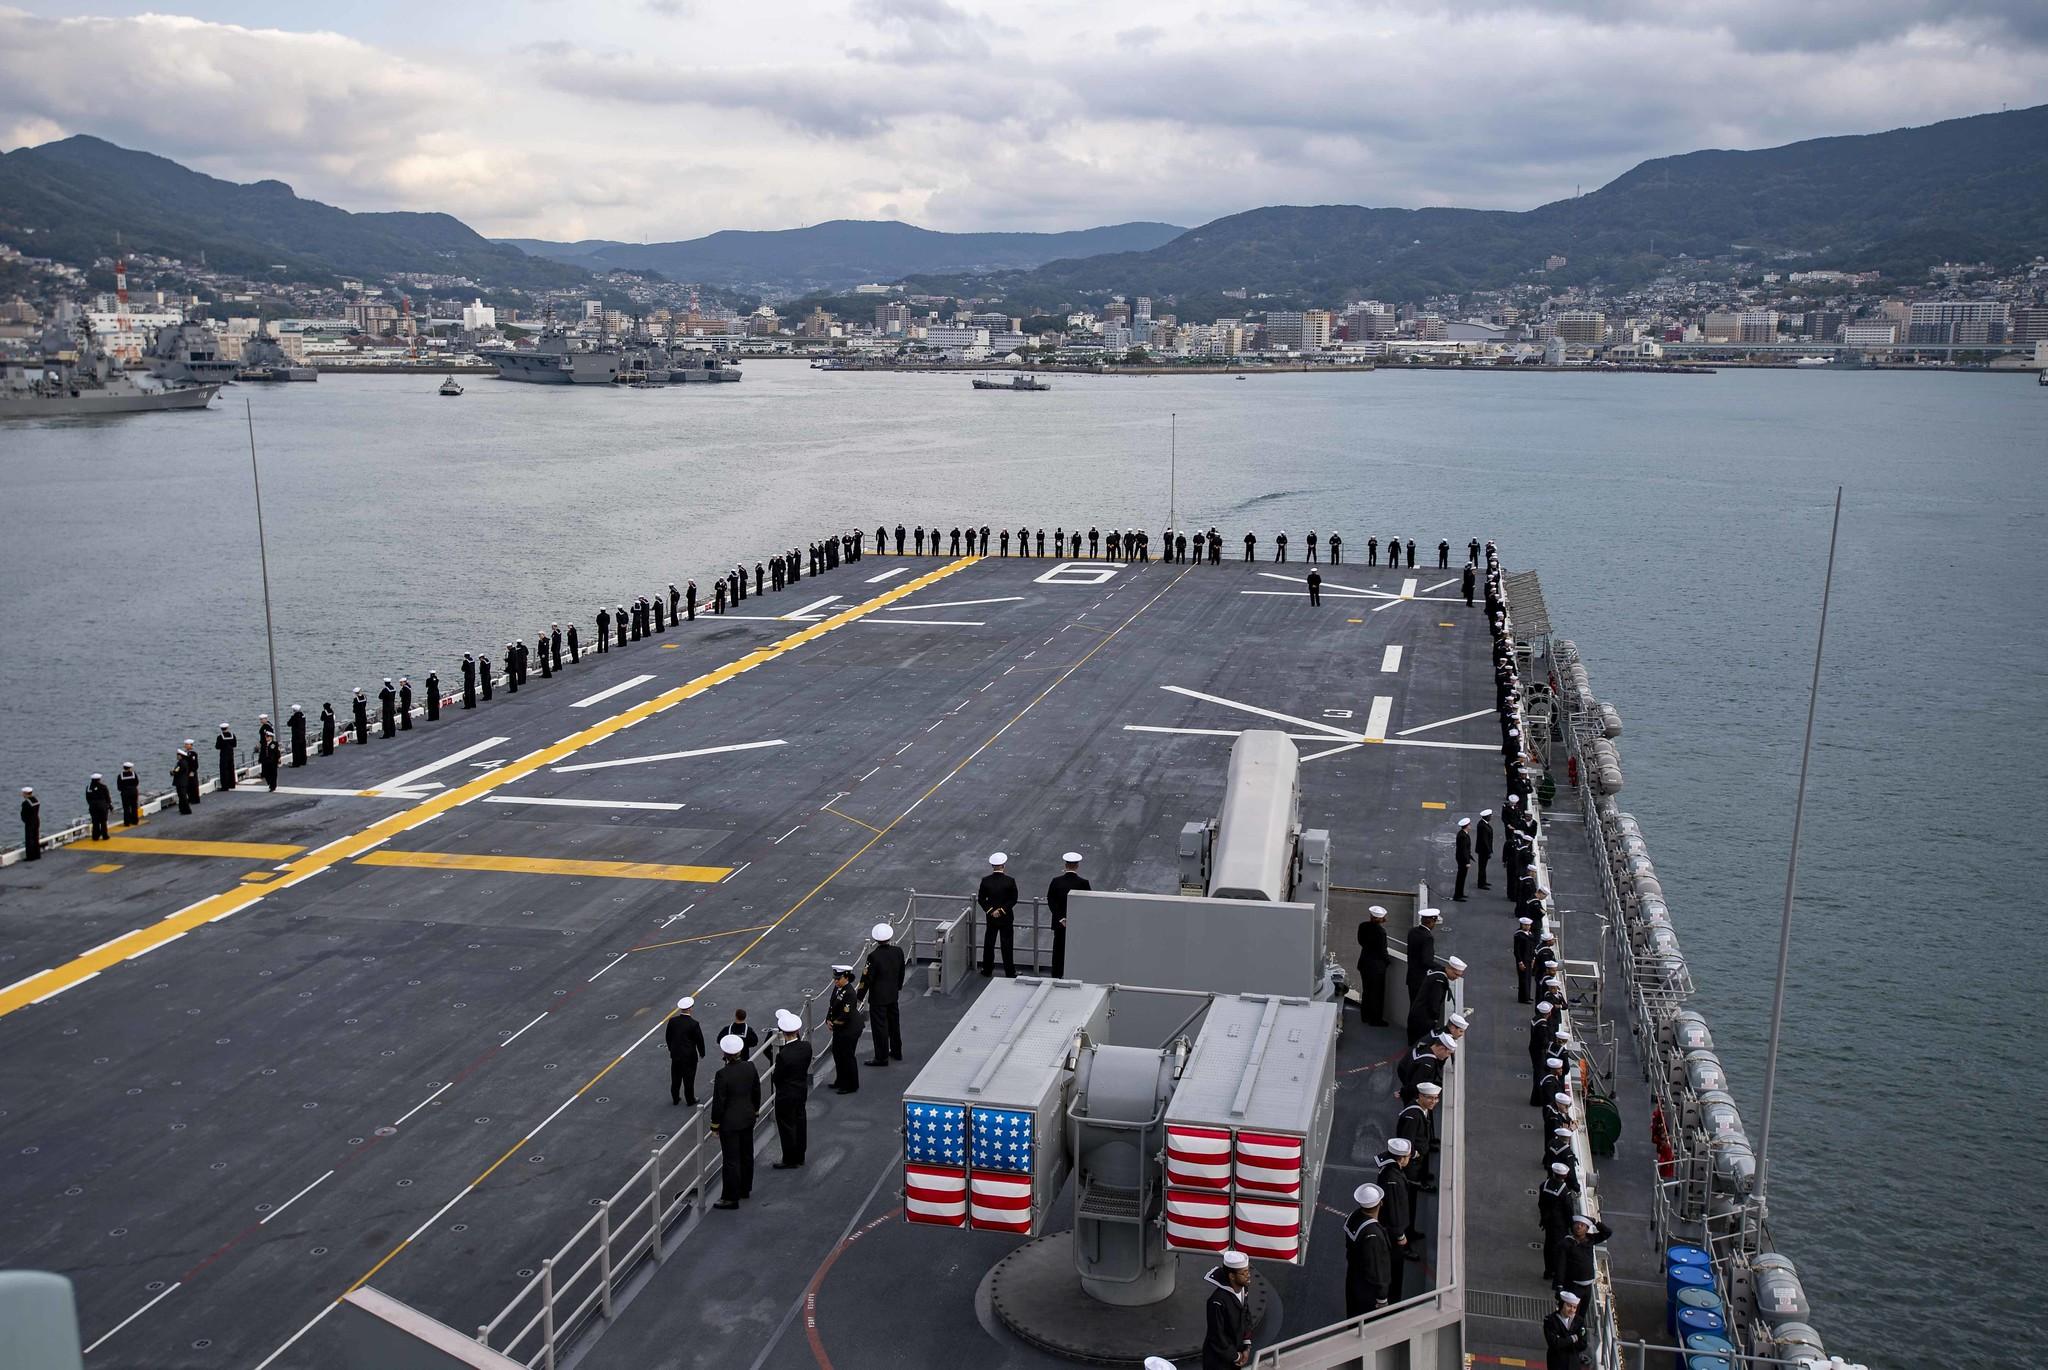 美军最强两栖战舰进驻日本搭载F-35战力远超轻型航母